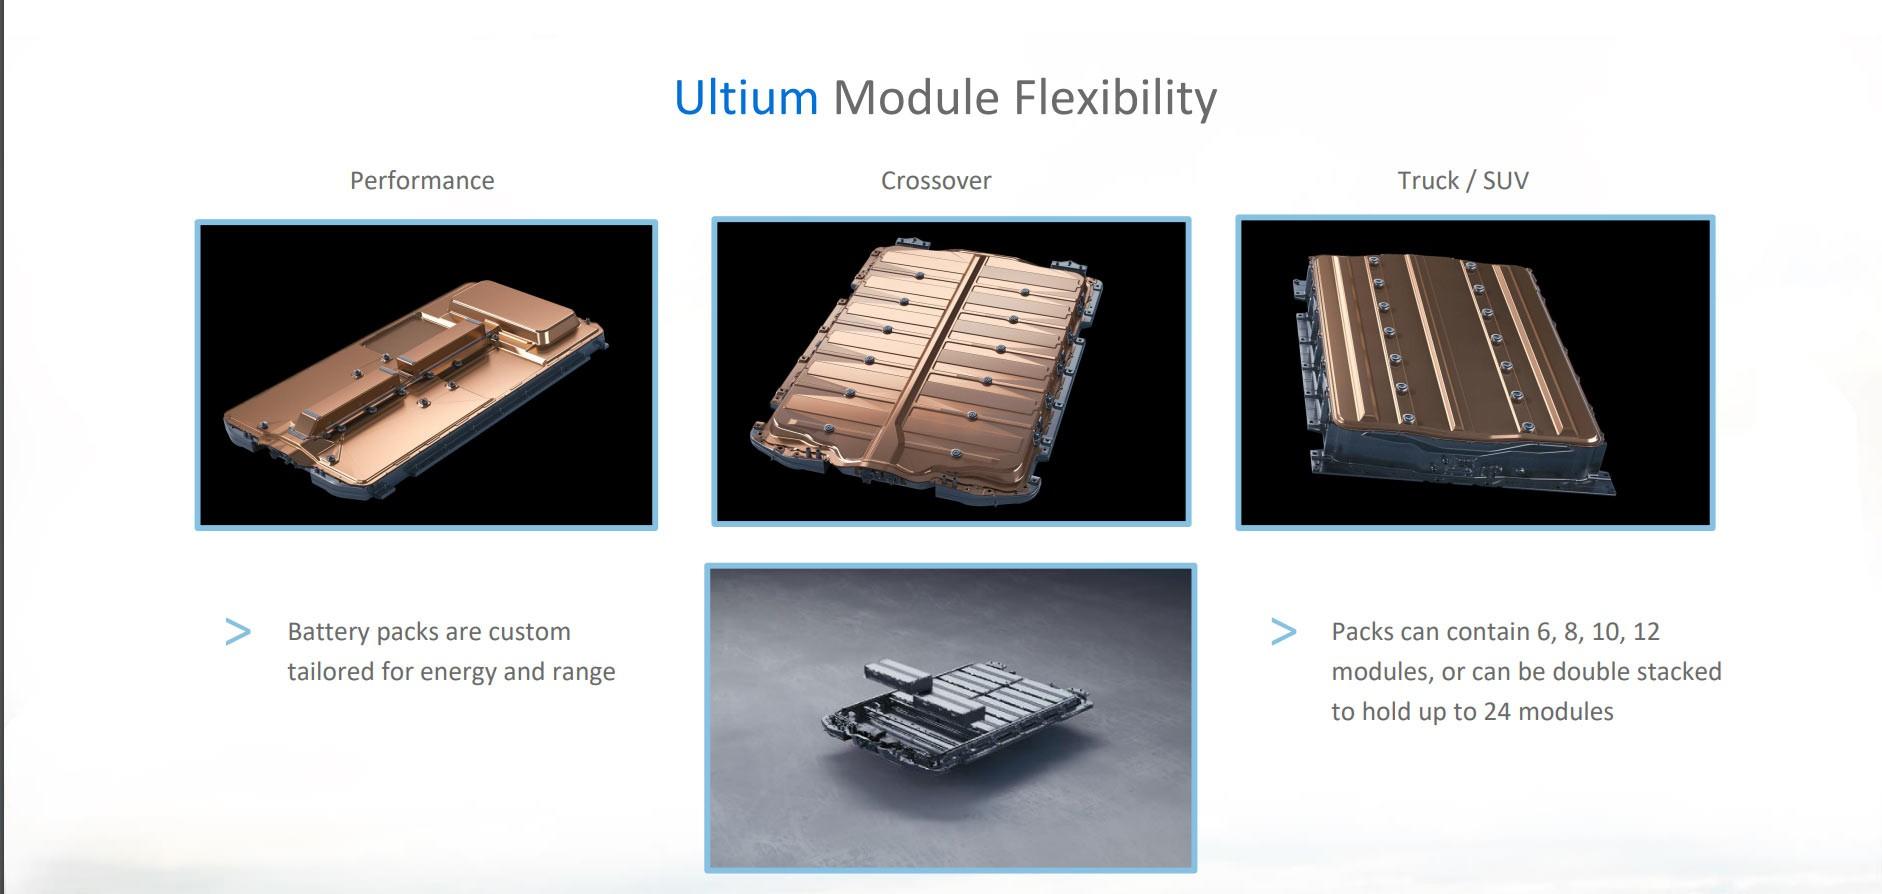 GM-Electric-Future-Roadmap-3